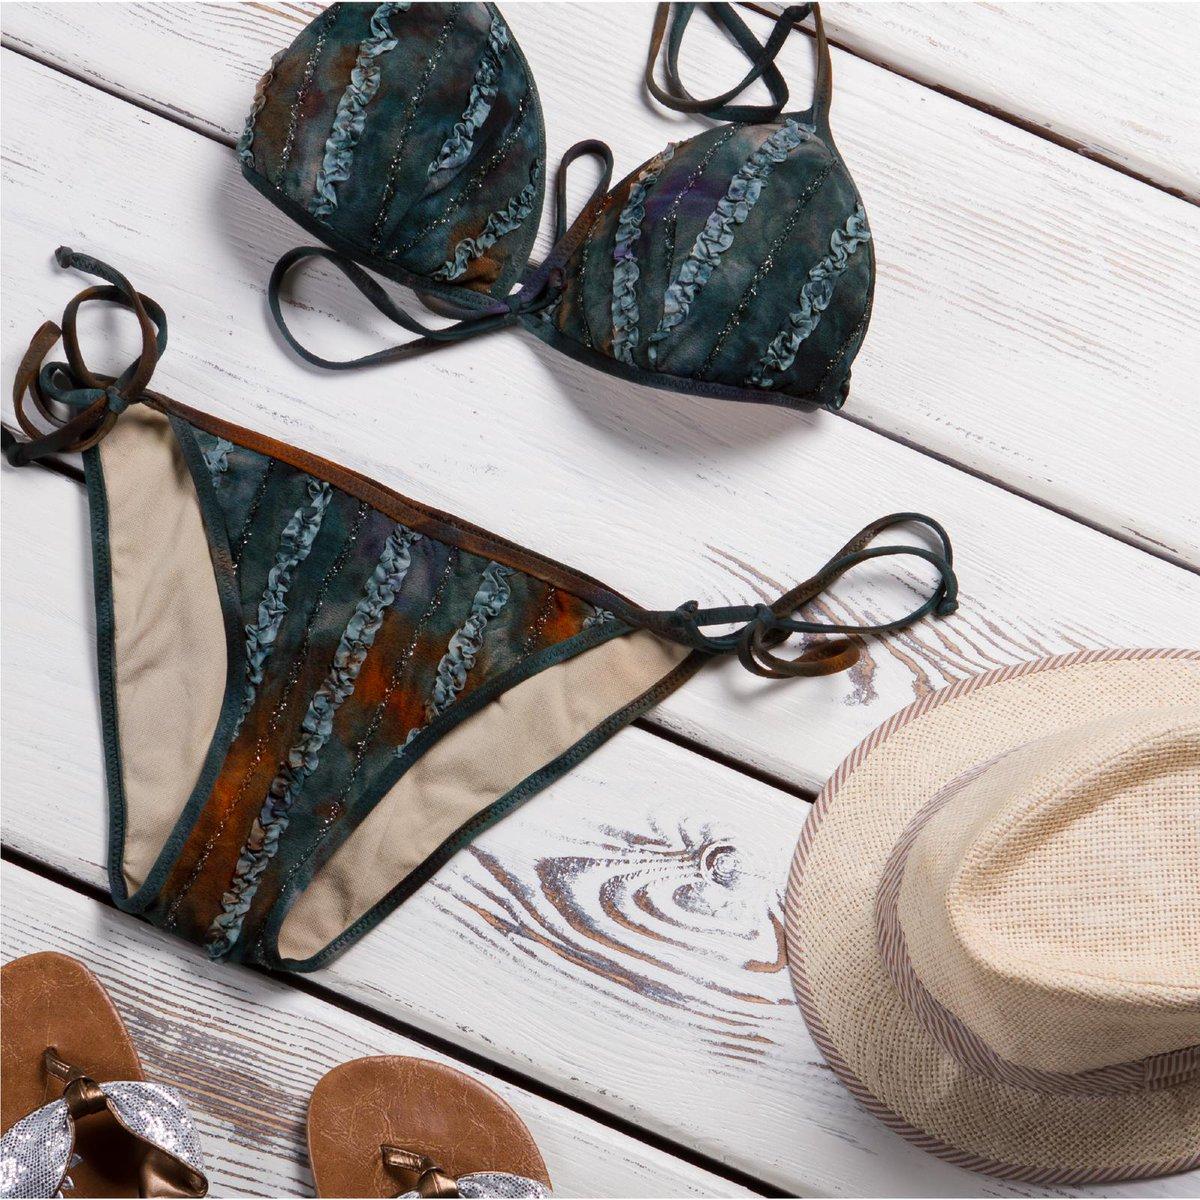 Imagínate en la playa disfrutando del sol con este traje de baño en nuestra tela licra #ATuMedida #NombredeTel #Cortitelas #Honduras #Telas #LoMejorenTelas #ModaHonduras #FashionHonduras #ImaginaTodoloquePuedesCrear #Crealo #Diseñalo #Imagínalo #Crea #Imagina #Diseña